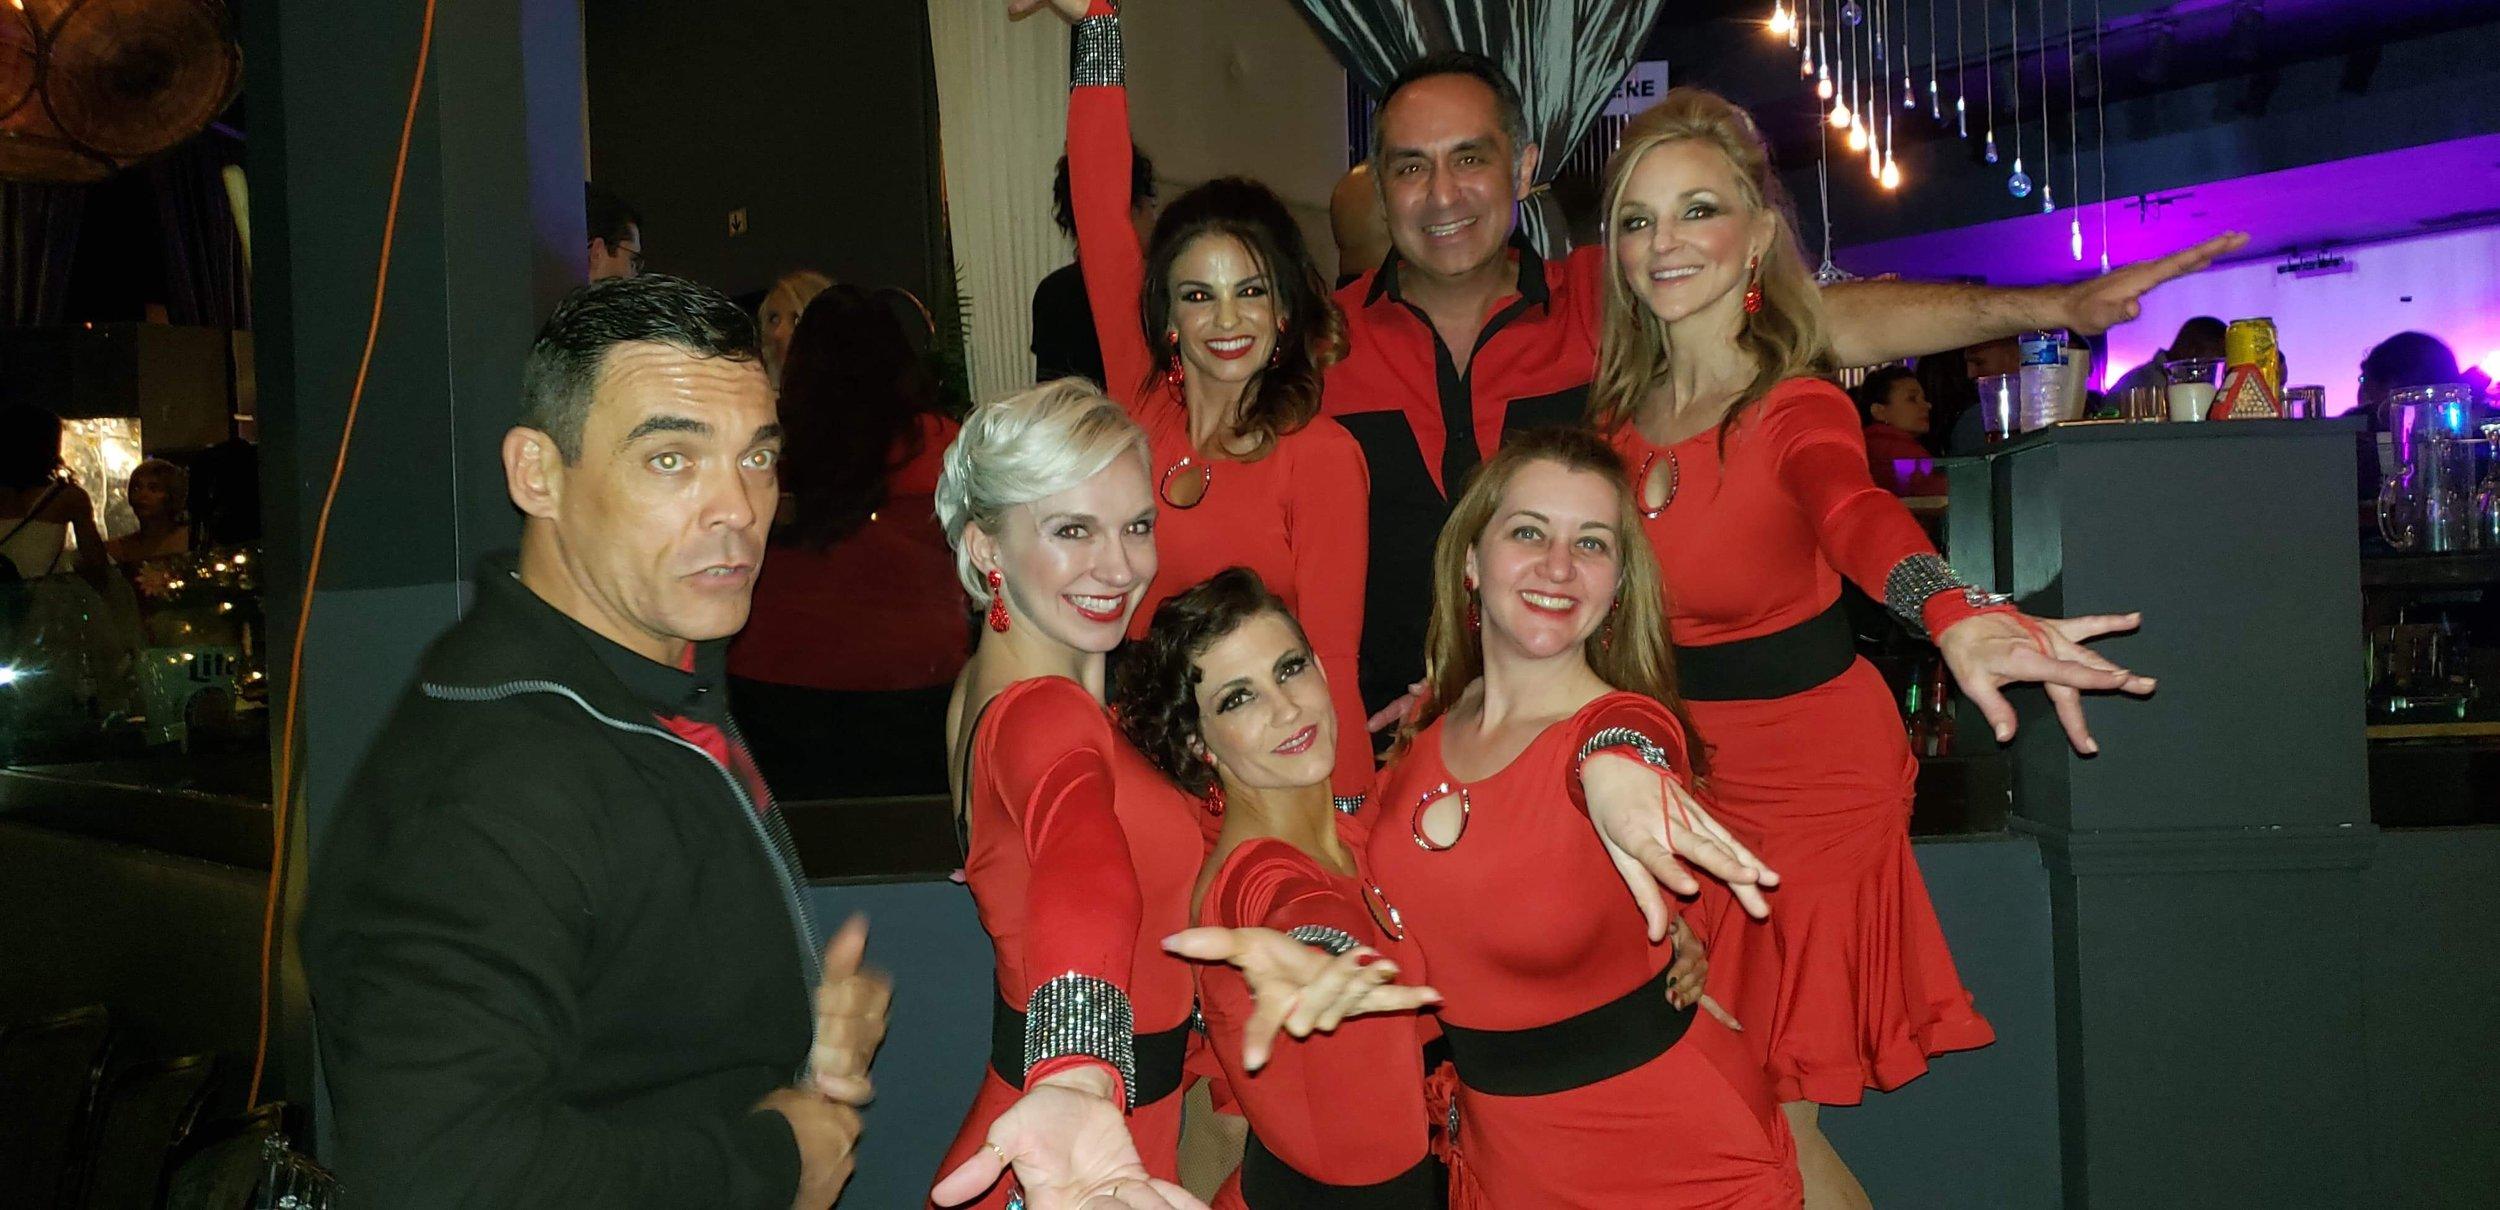 Learn to Dance New Orleans ballroomdance.com Rhythm & Smooth